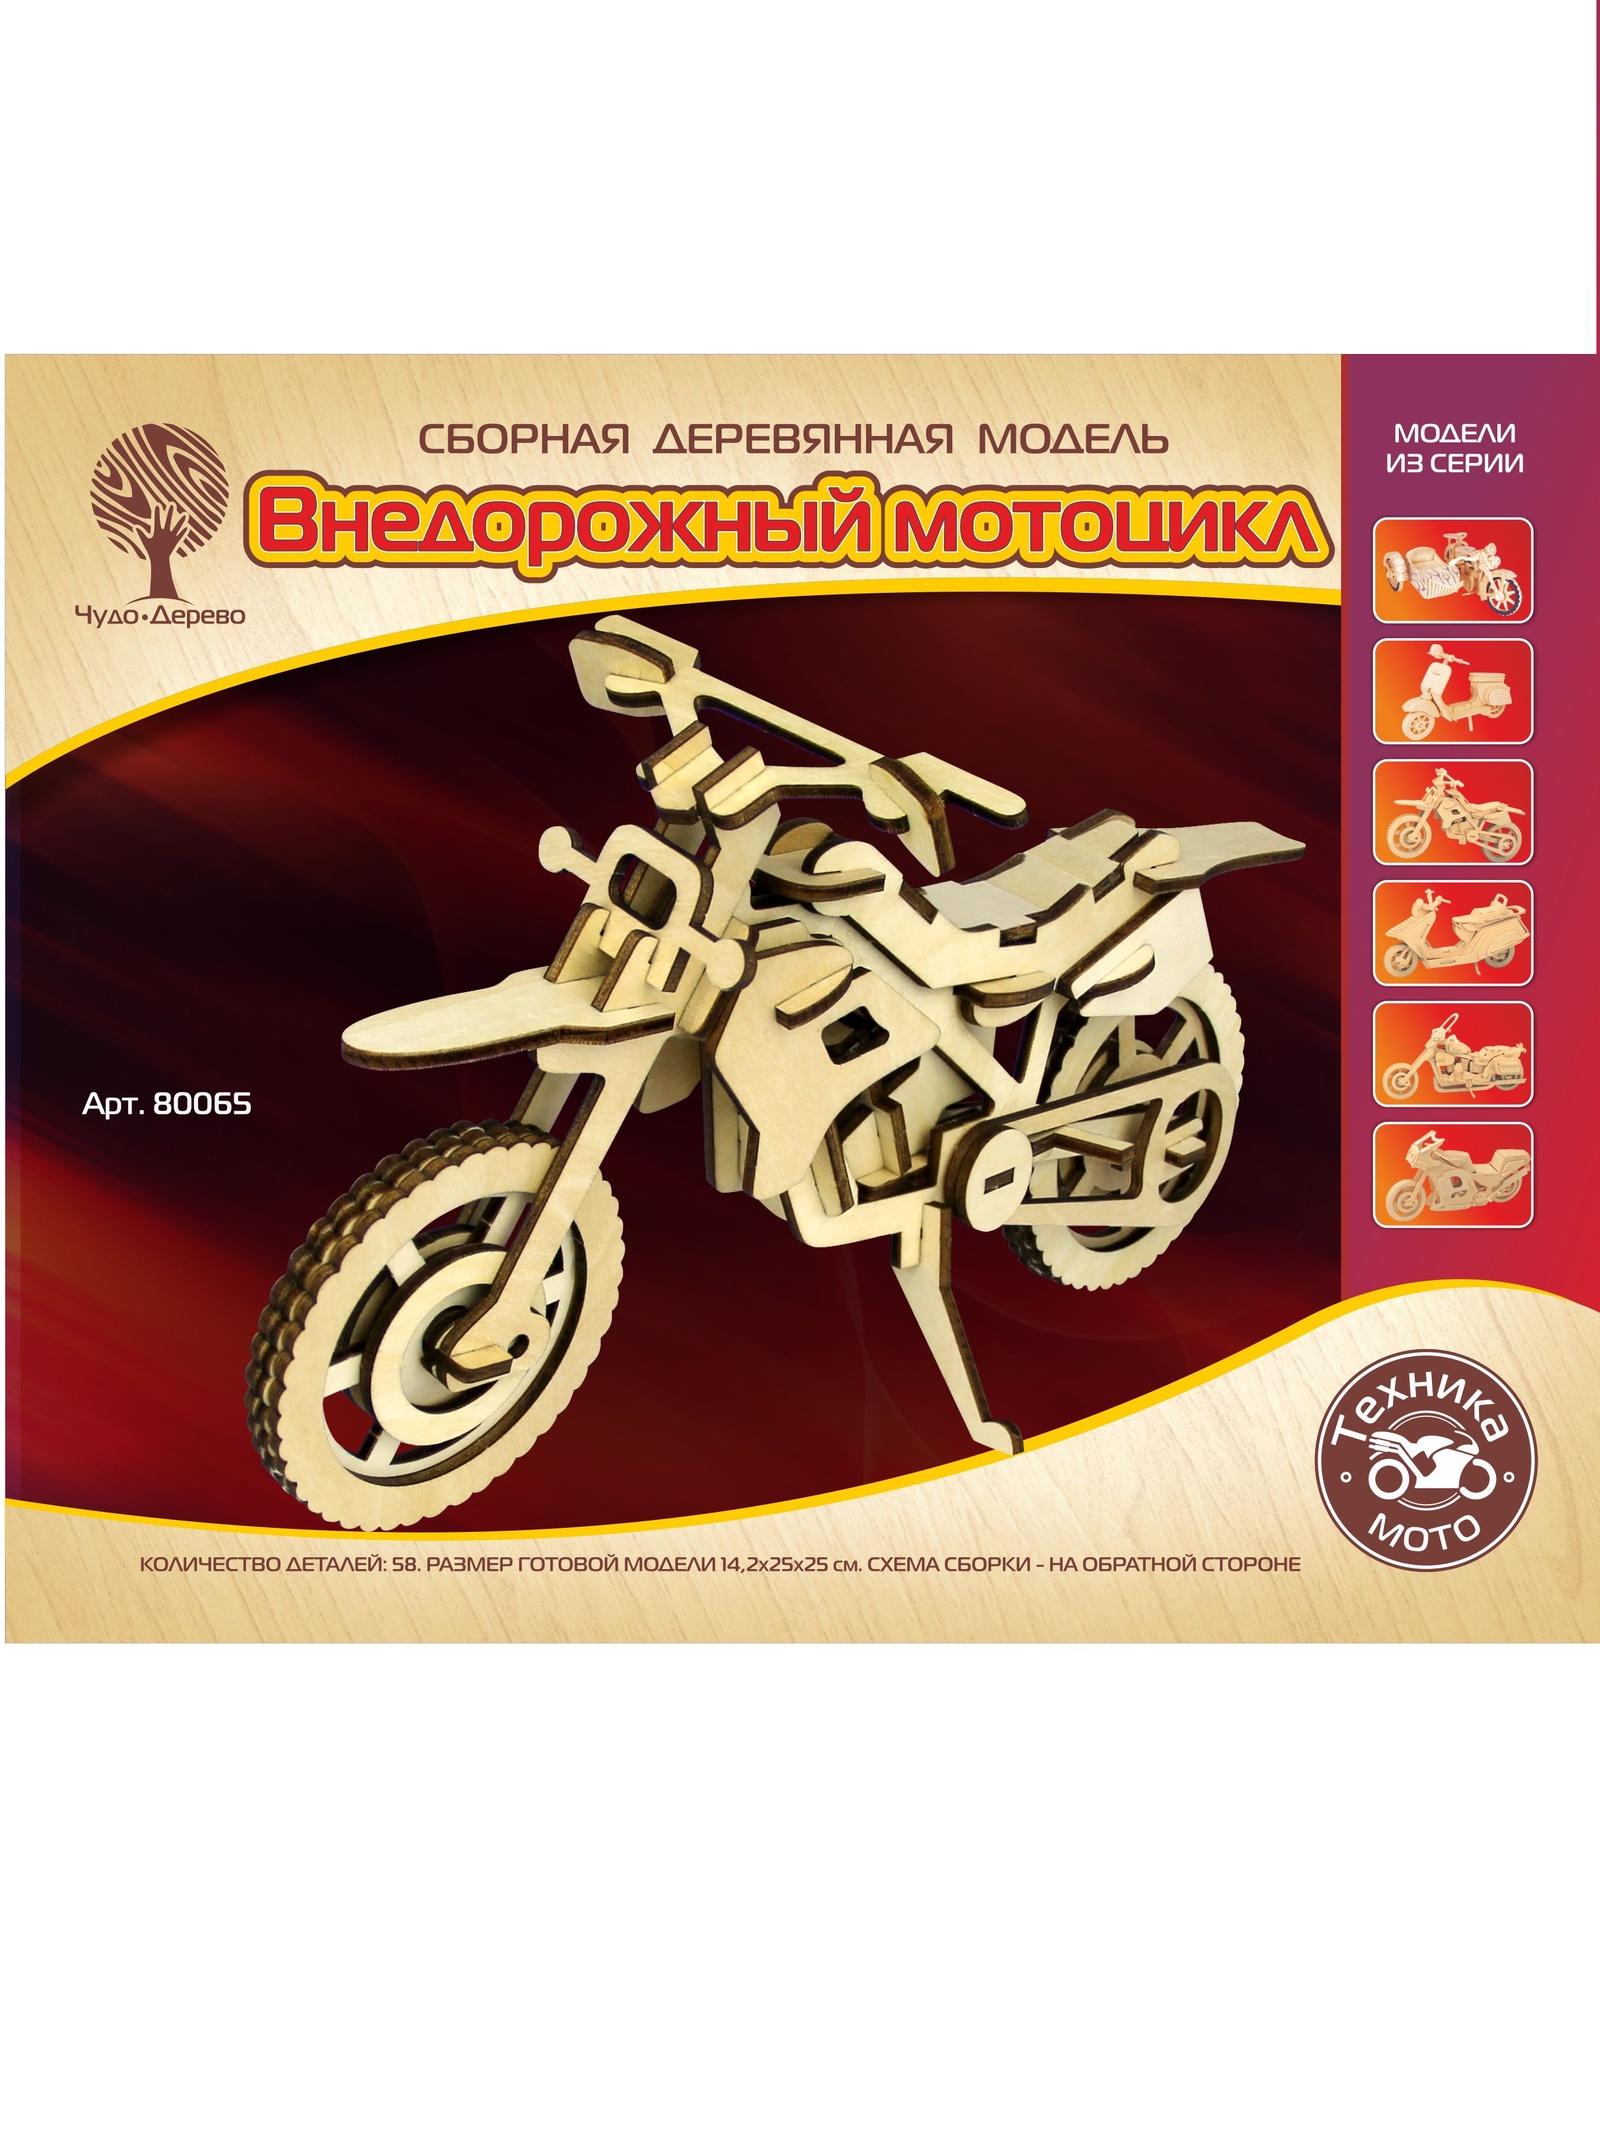 Деревянный конструктор Чудо-дерево Внедорожный мотоцикл, 80065